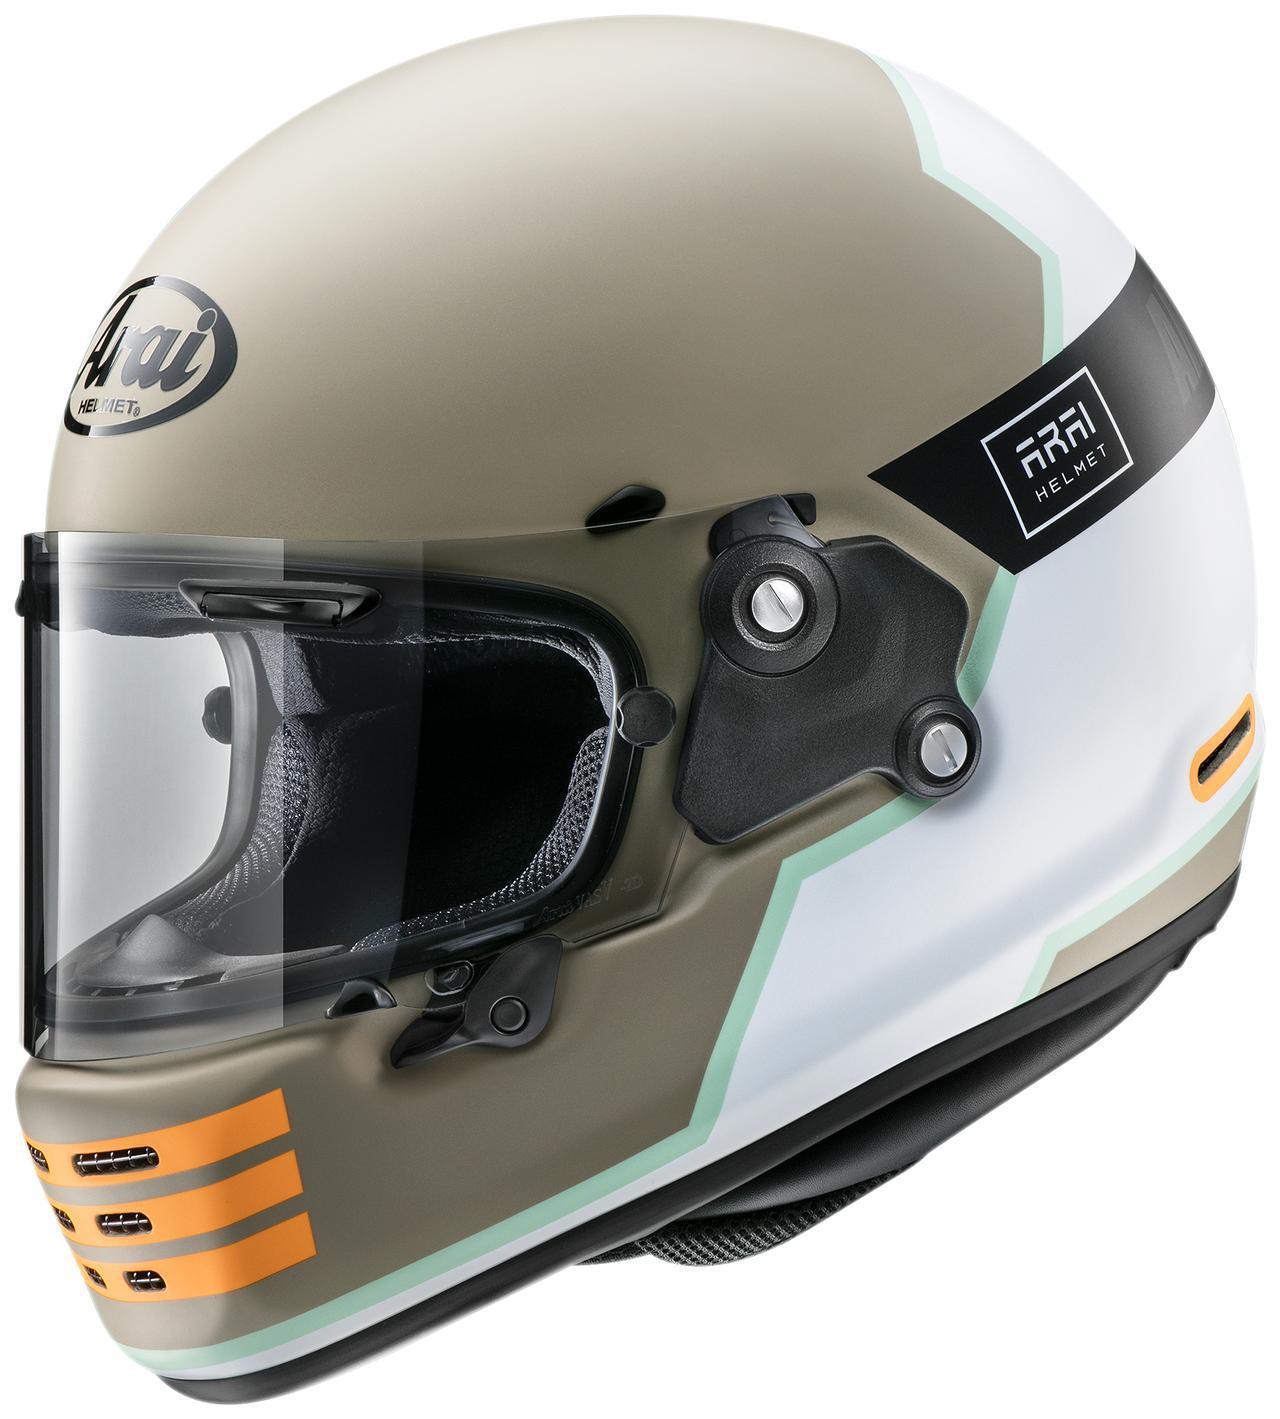 画像: アドベンチャーバイクにも似合いそうなアライヘルメット「ラパイドNEO オーバーランド」が登場!  - webオートバイ